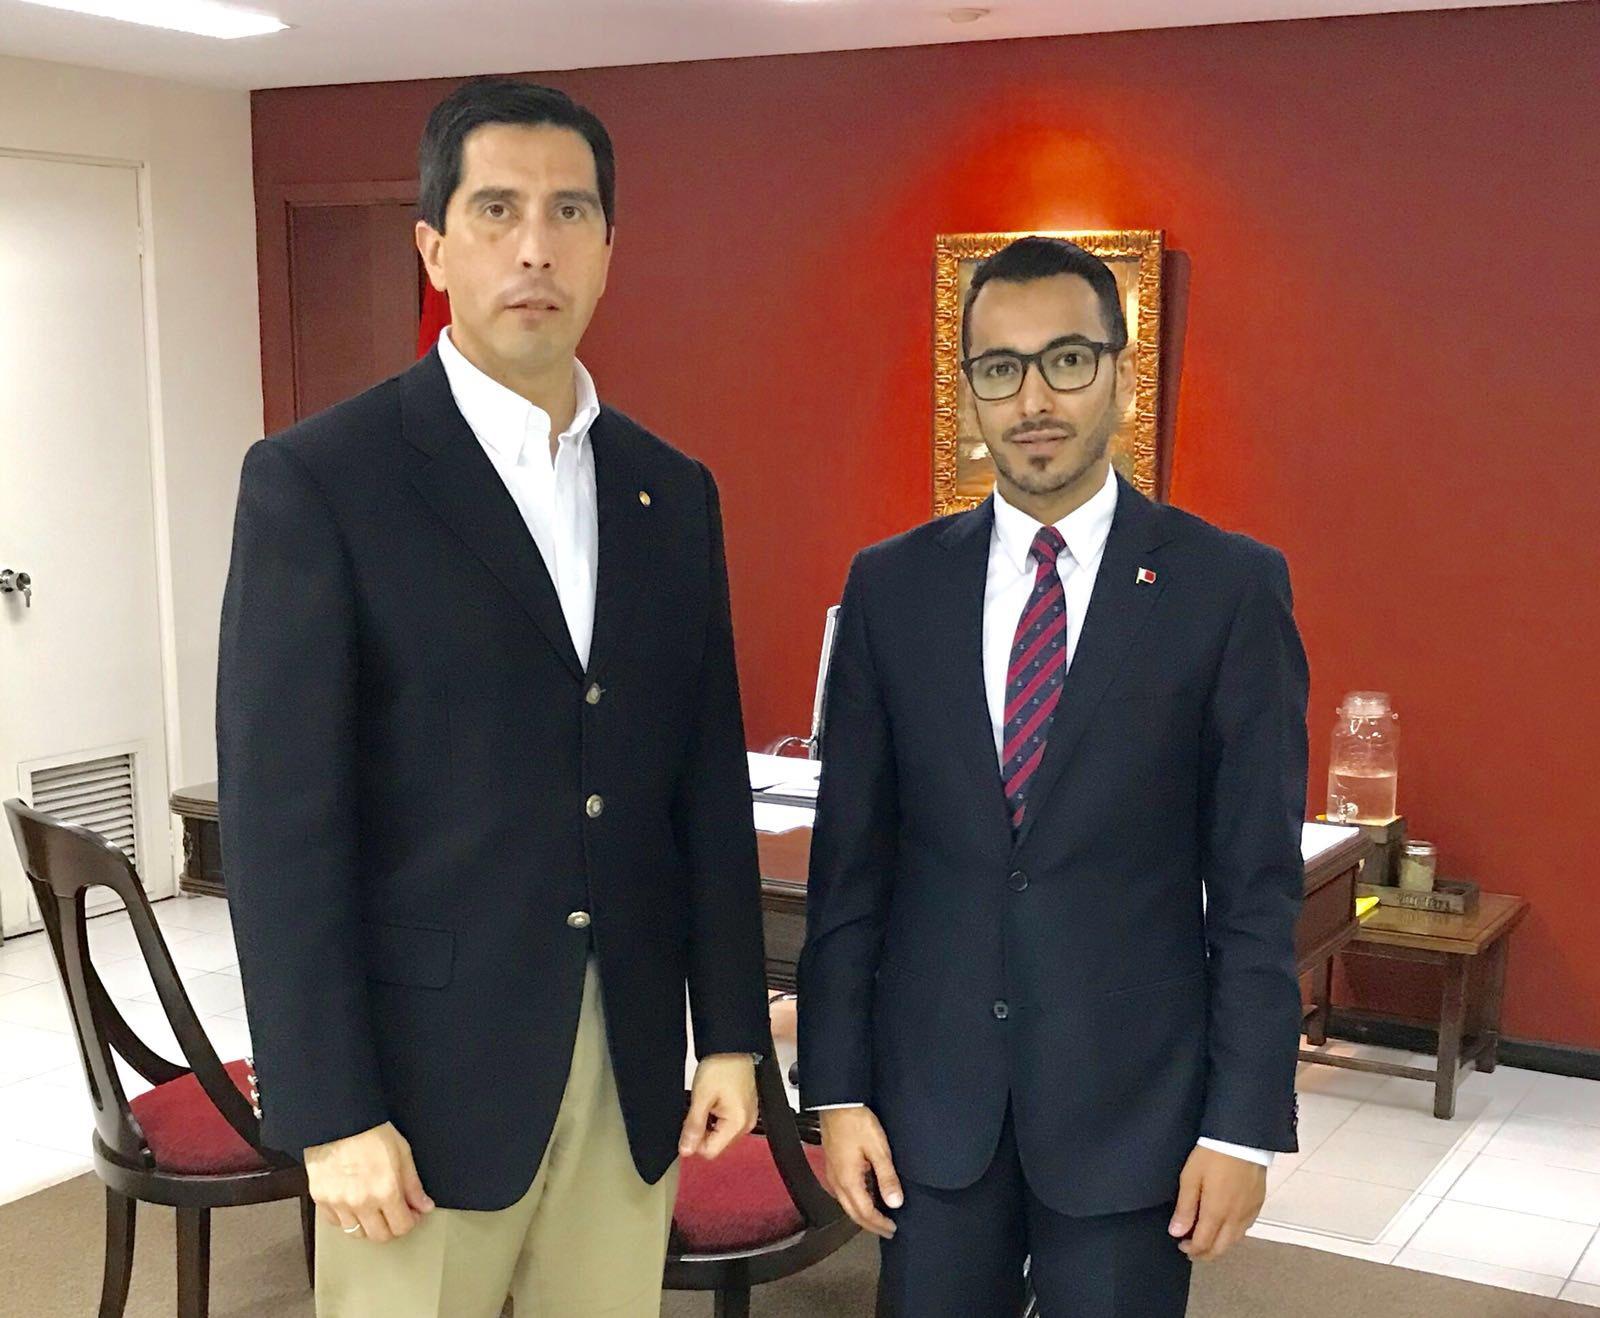 نائب وزير الخارجية في الباراغواي يجتمع مع القائم بالأعمال القطري